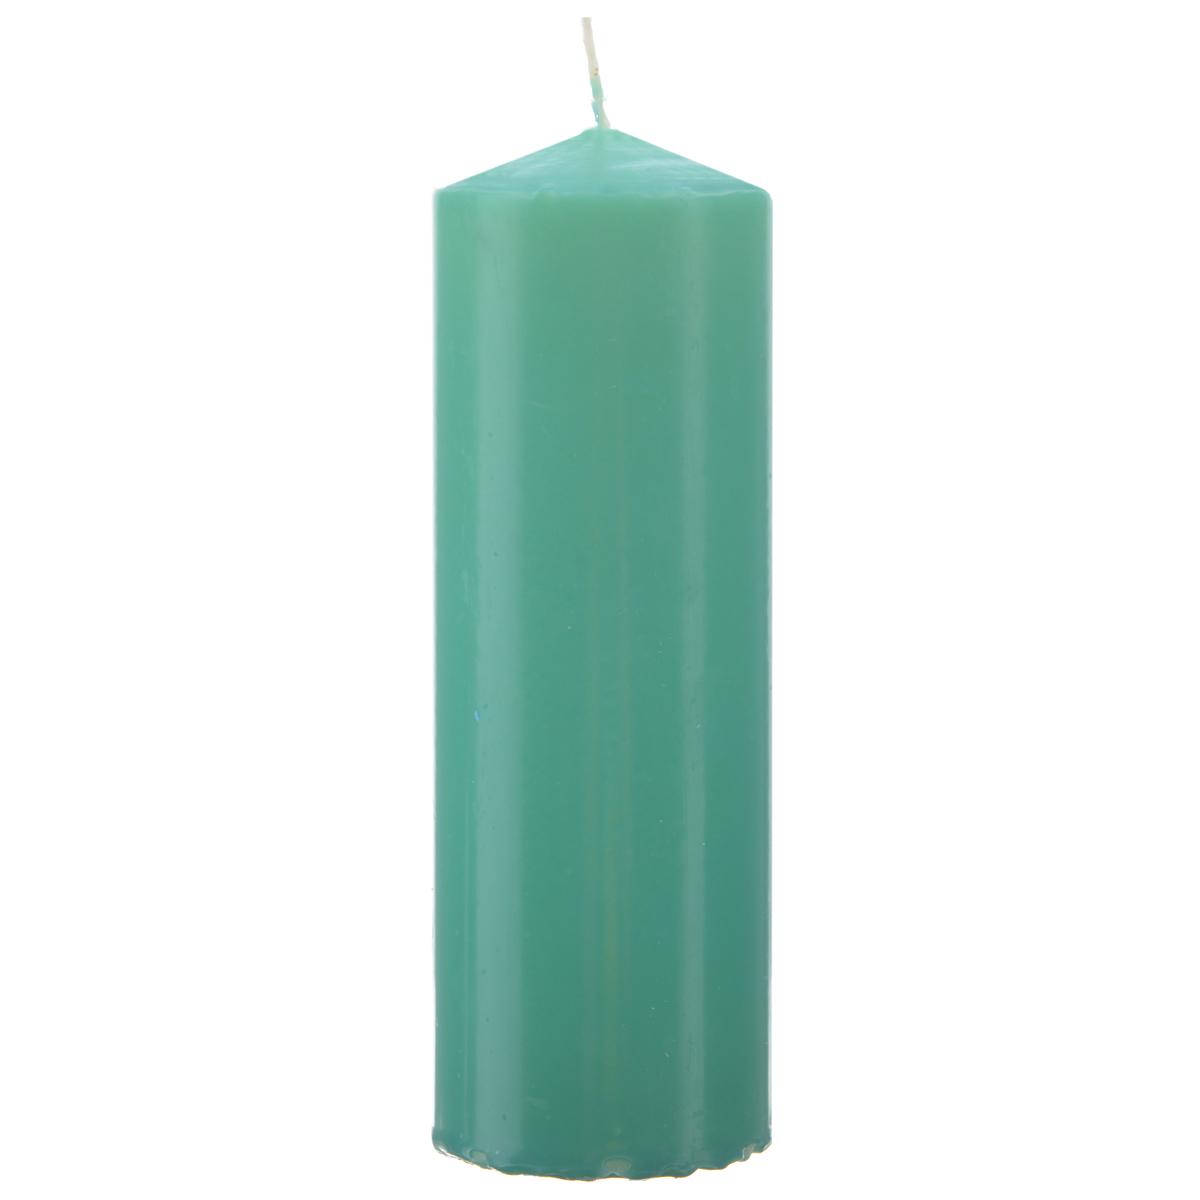 Свеча Sima-land Аромат огня, цвет: зеленый, высота 15 см197619Свеча Sima-land Аромат огня выполнена из парафина в классическом стиле. Изделие порадует вас ярким дизайном. Такую свечу можно поставить в любое место и она станет ярким украшением интерьера. Свеча Sima-land Аромат огня создаст незабываемую атмосферу, будь то торжество, романтический вечер или будничный день.